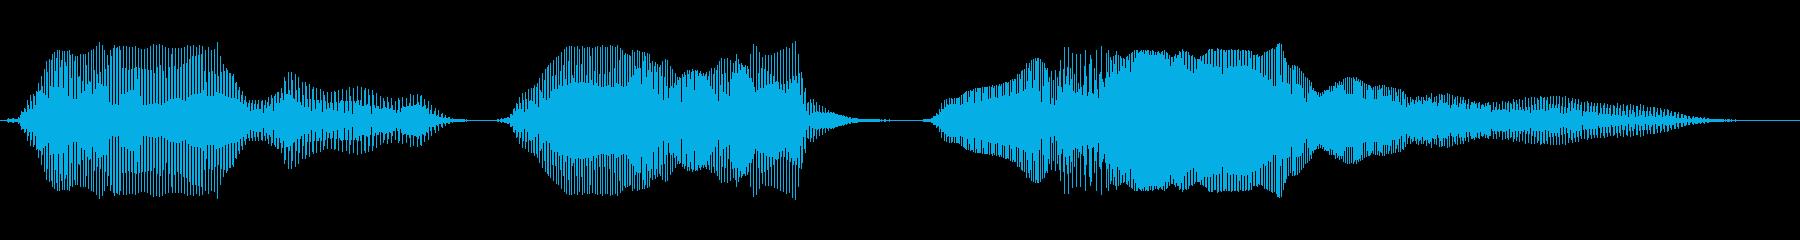 ごろごろごろ…の再生済みの波形